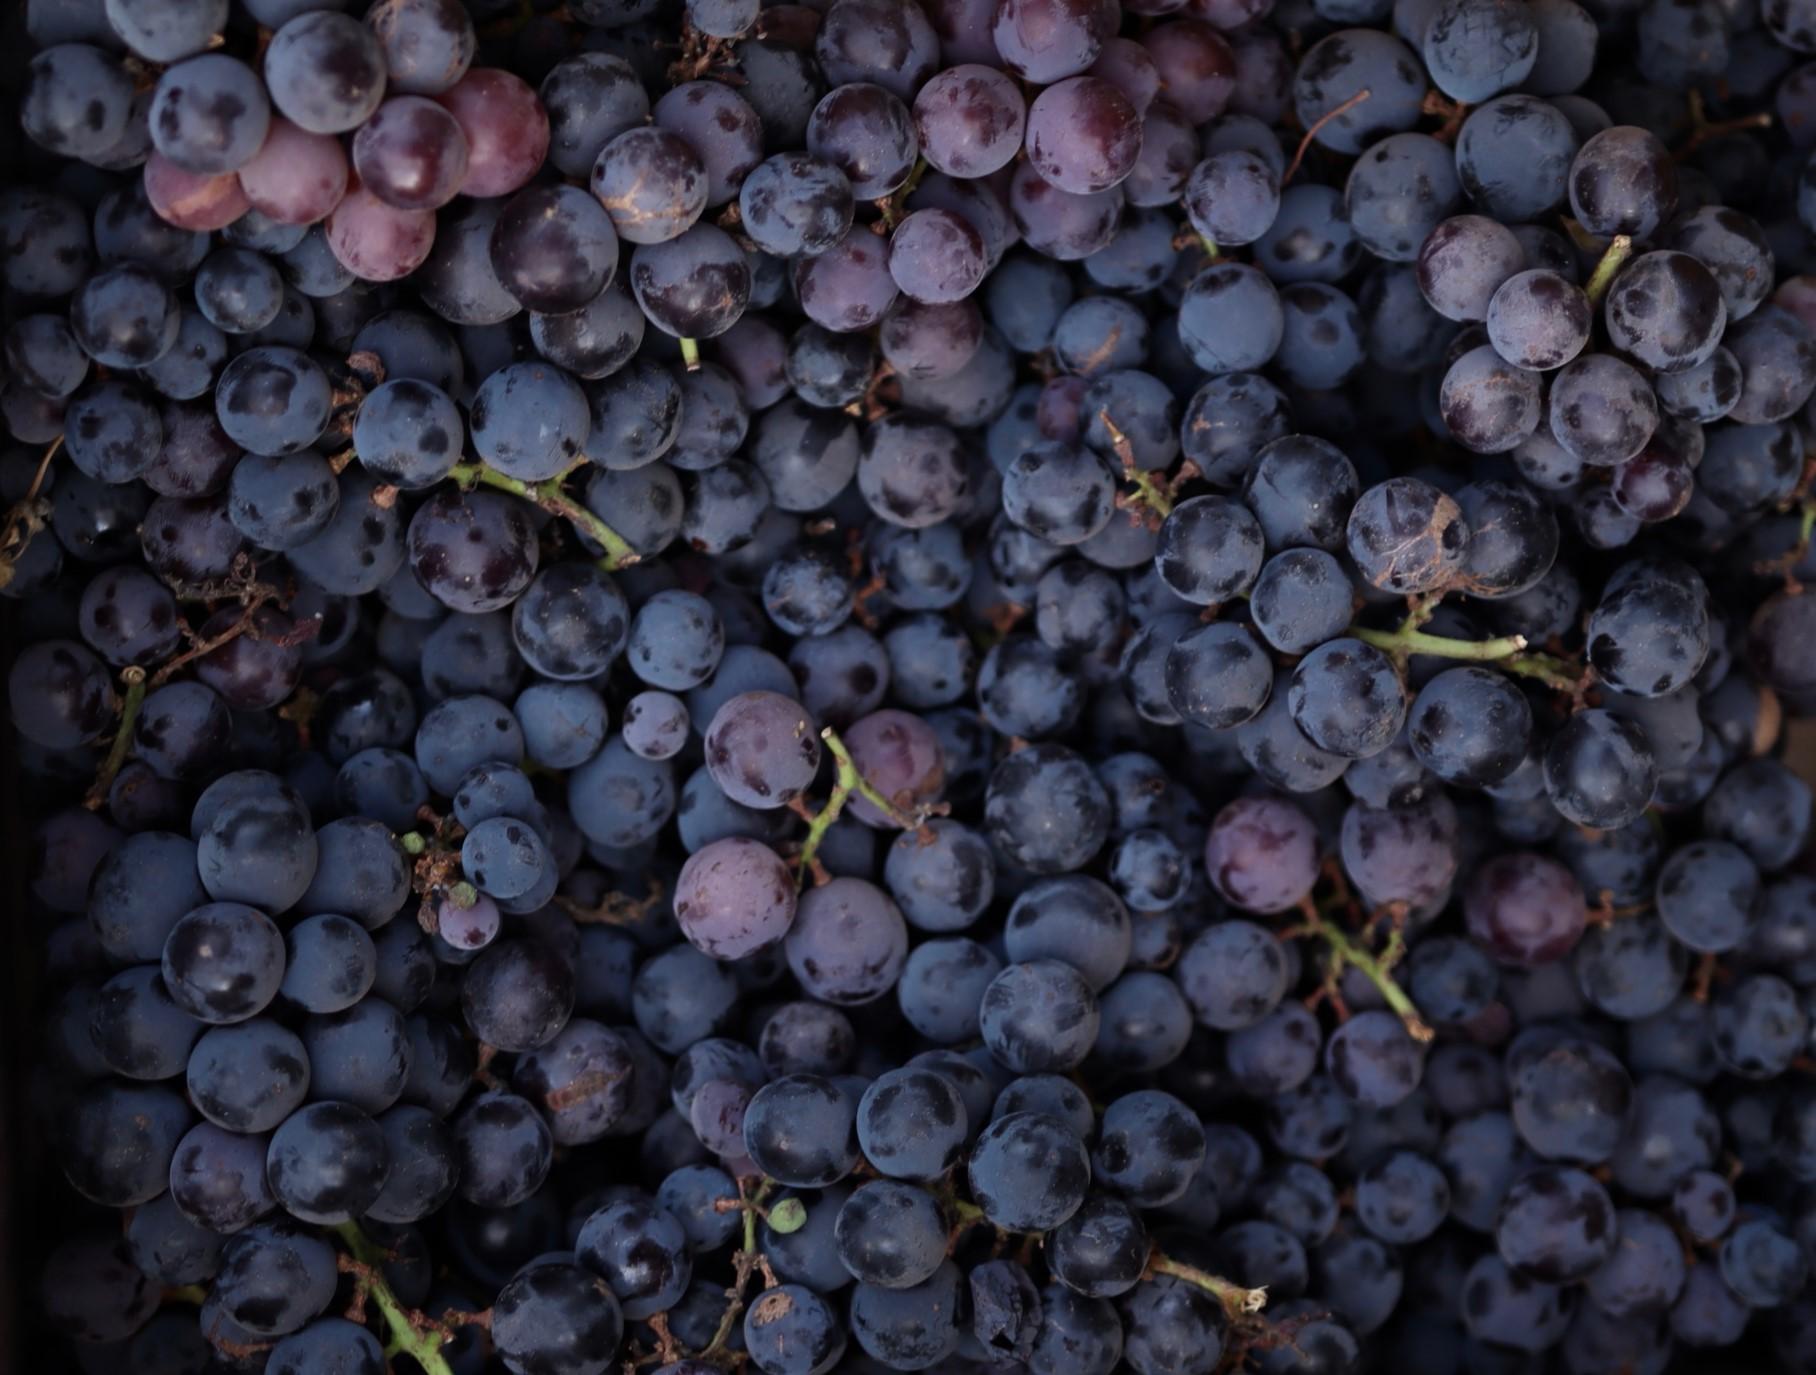 Habits: Grapes